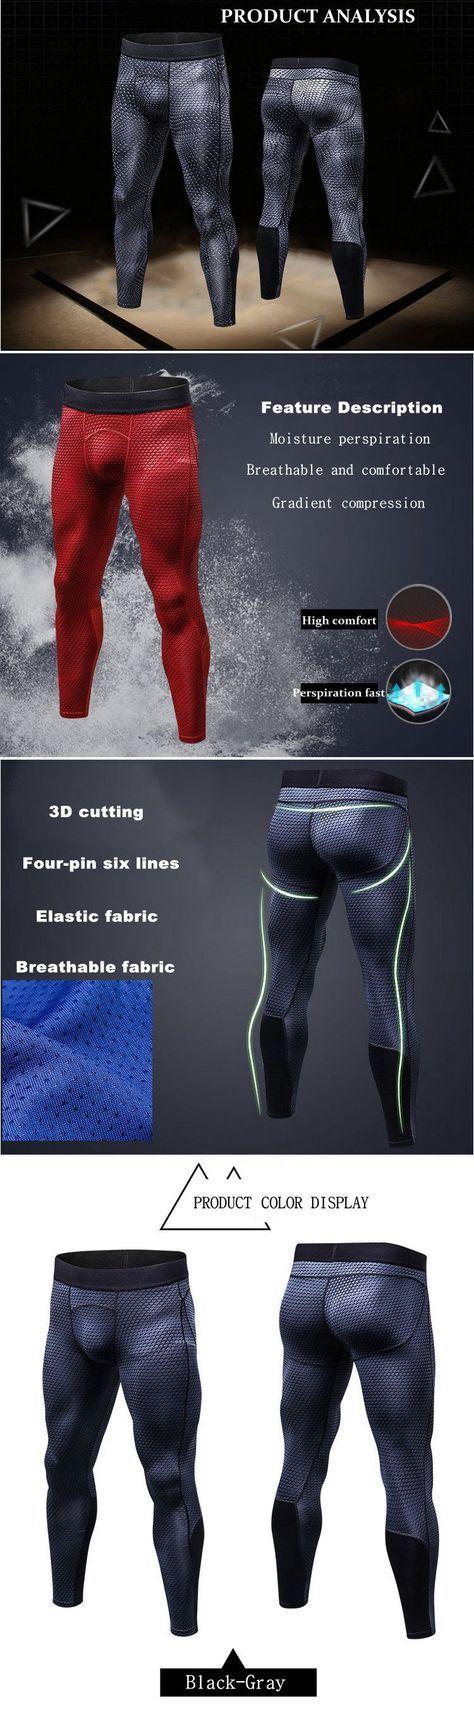 PRO Aptitud Pantalones cortos de estiramiento de secado rápido con pantalones cortos para hombres originales 3D Pantalones